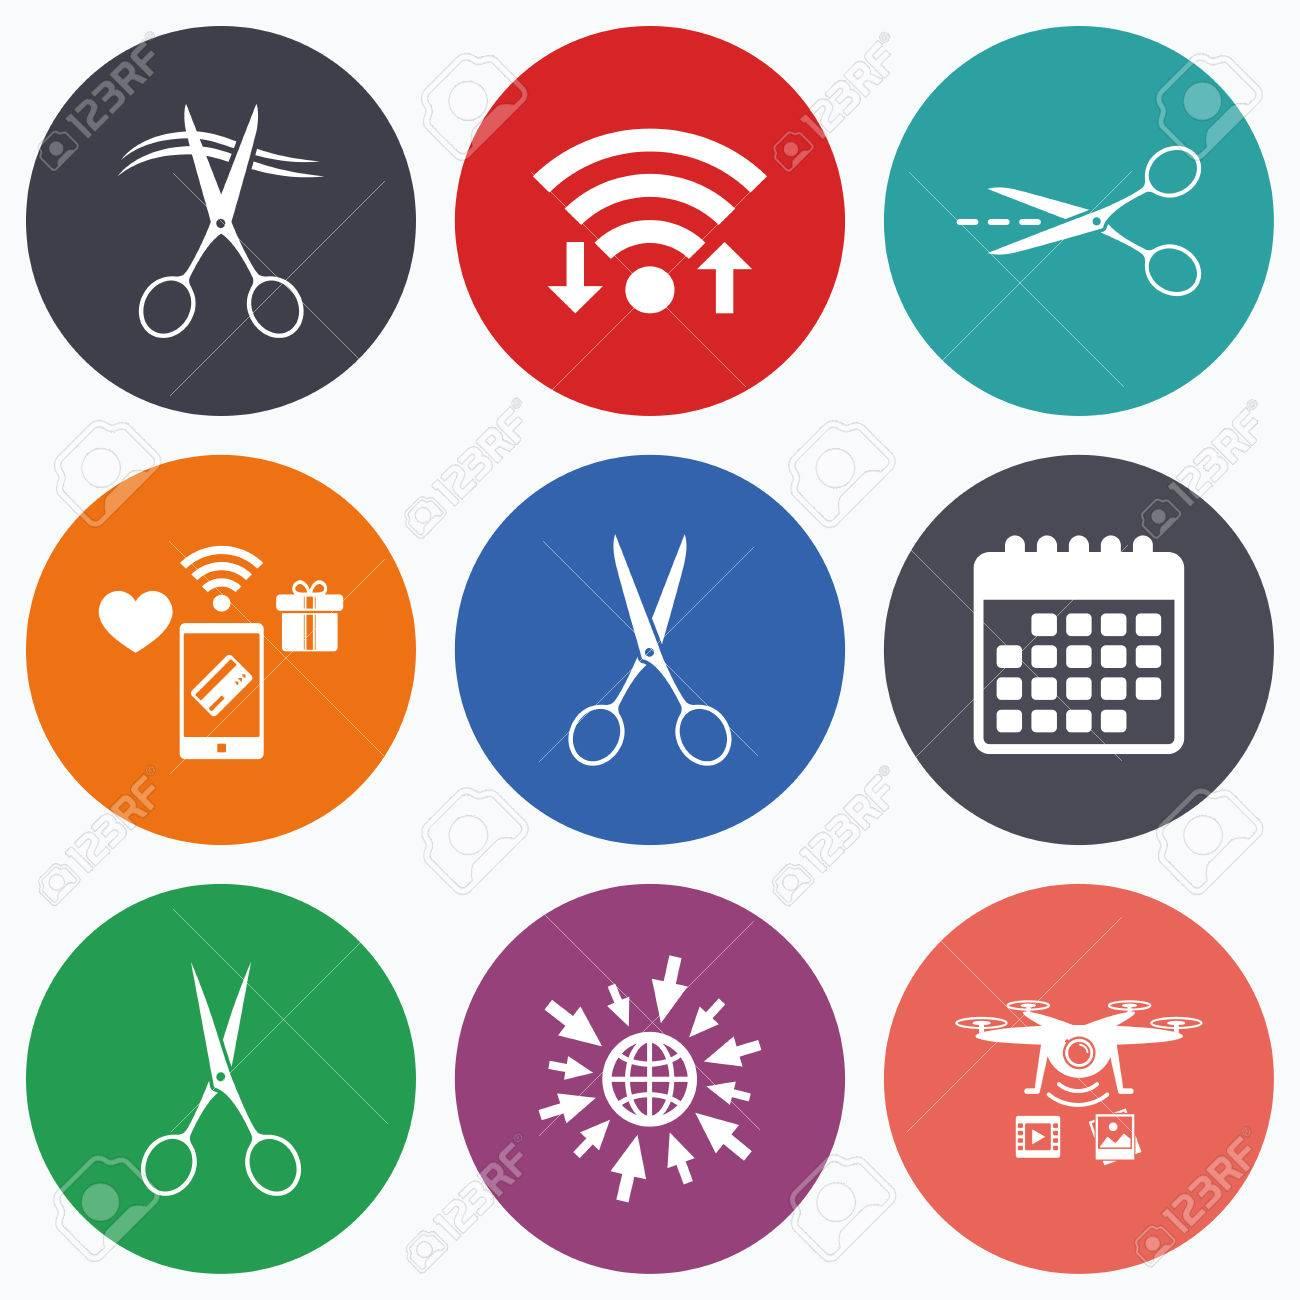 Wifi Les Paiements Mobiles Et Les Drones Ic Nes Ciseaux Ic Nes